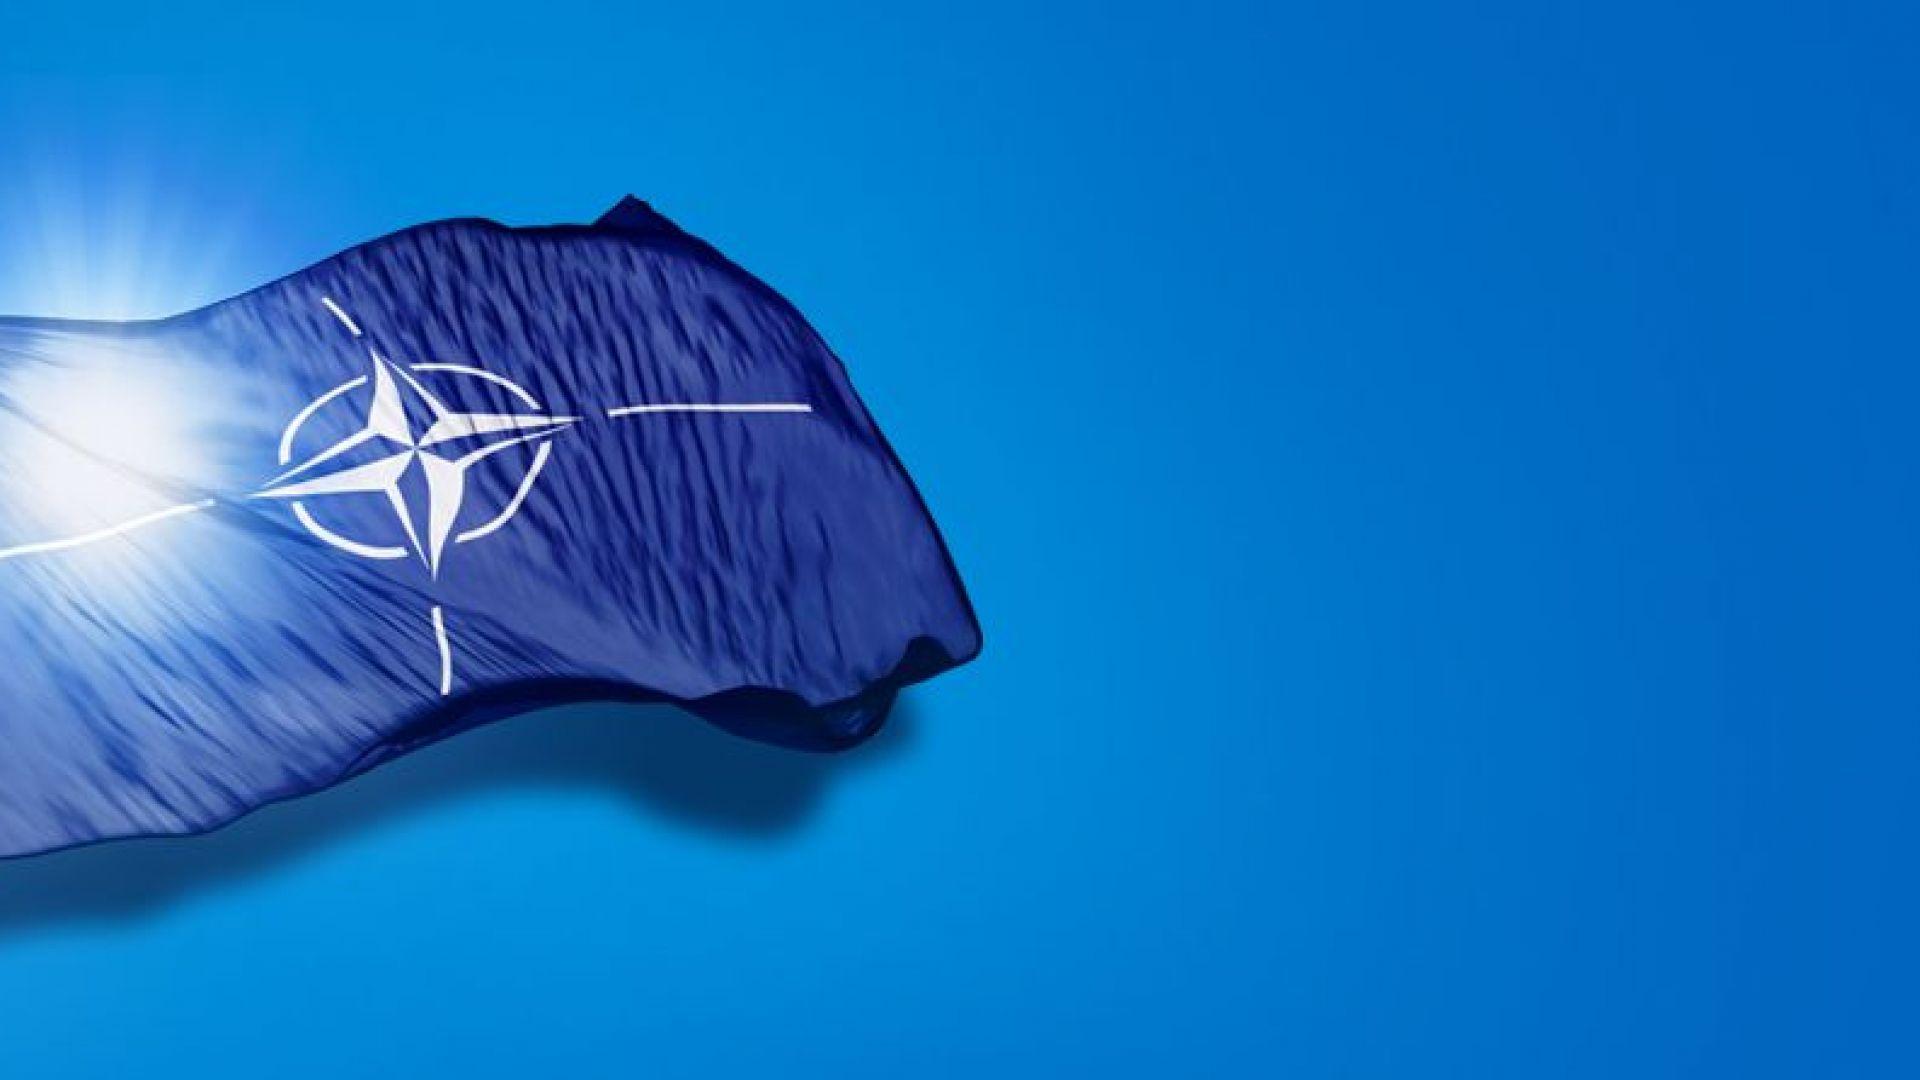 САЩ и НАТО заедно срещу Москва заради ракетния договор